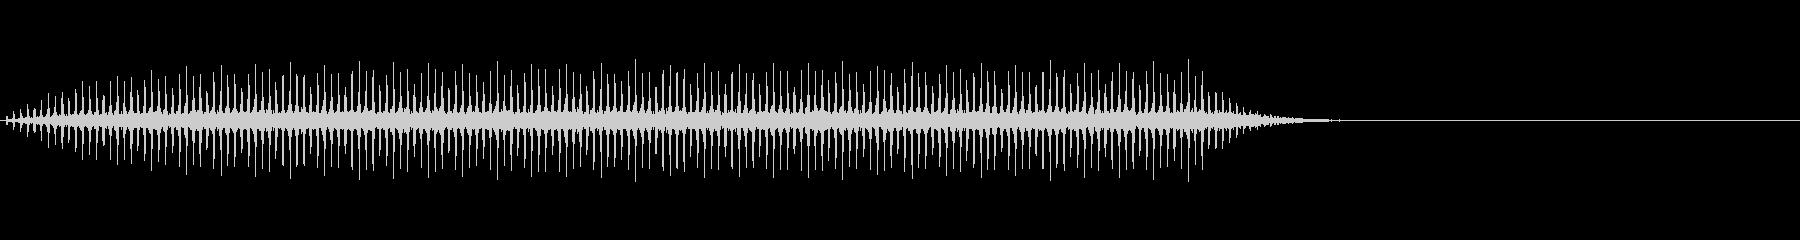 ヘリコプターのプロペラ音(バラバラバラ)の未再生の波形